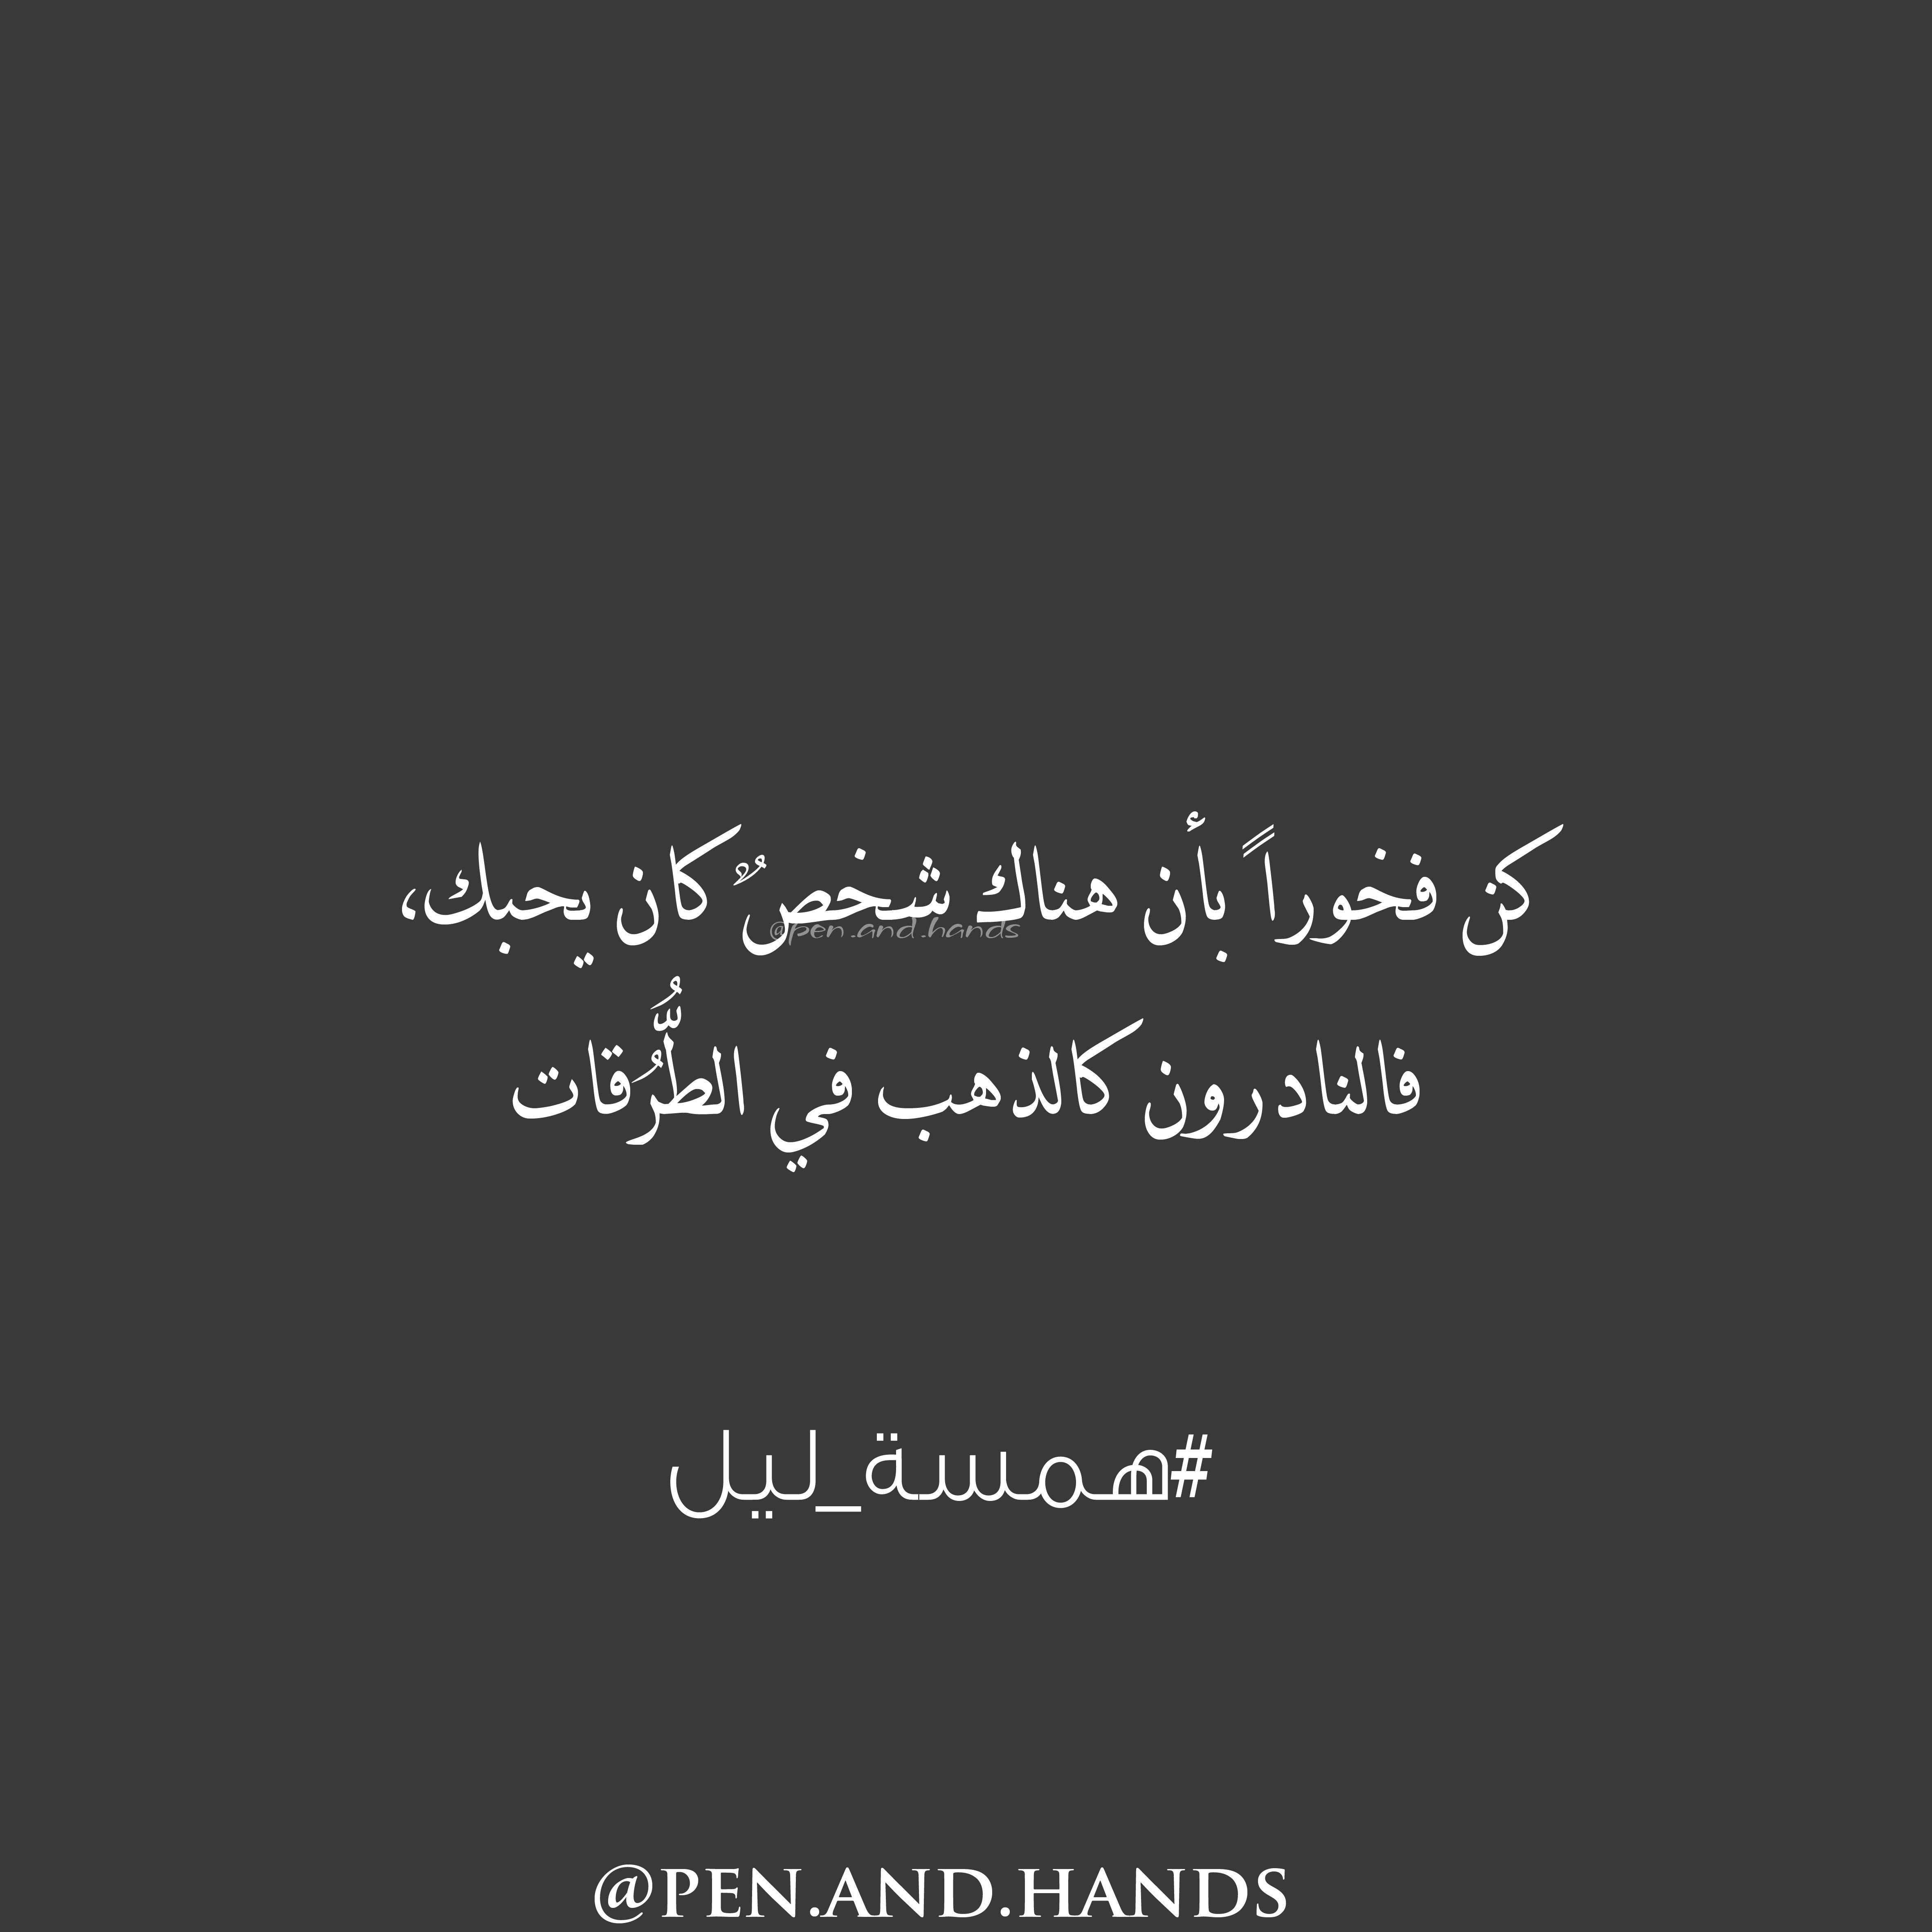 كن فخورا بأن هناك شخص كان يحبك فالنادرون كالذهب في الط ر قات همسة ليل Book Quotes Quotes Books